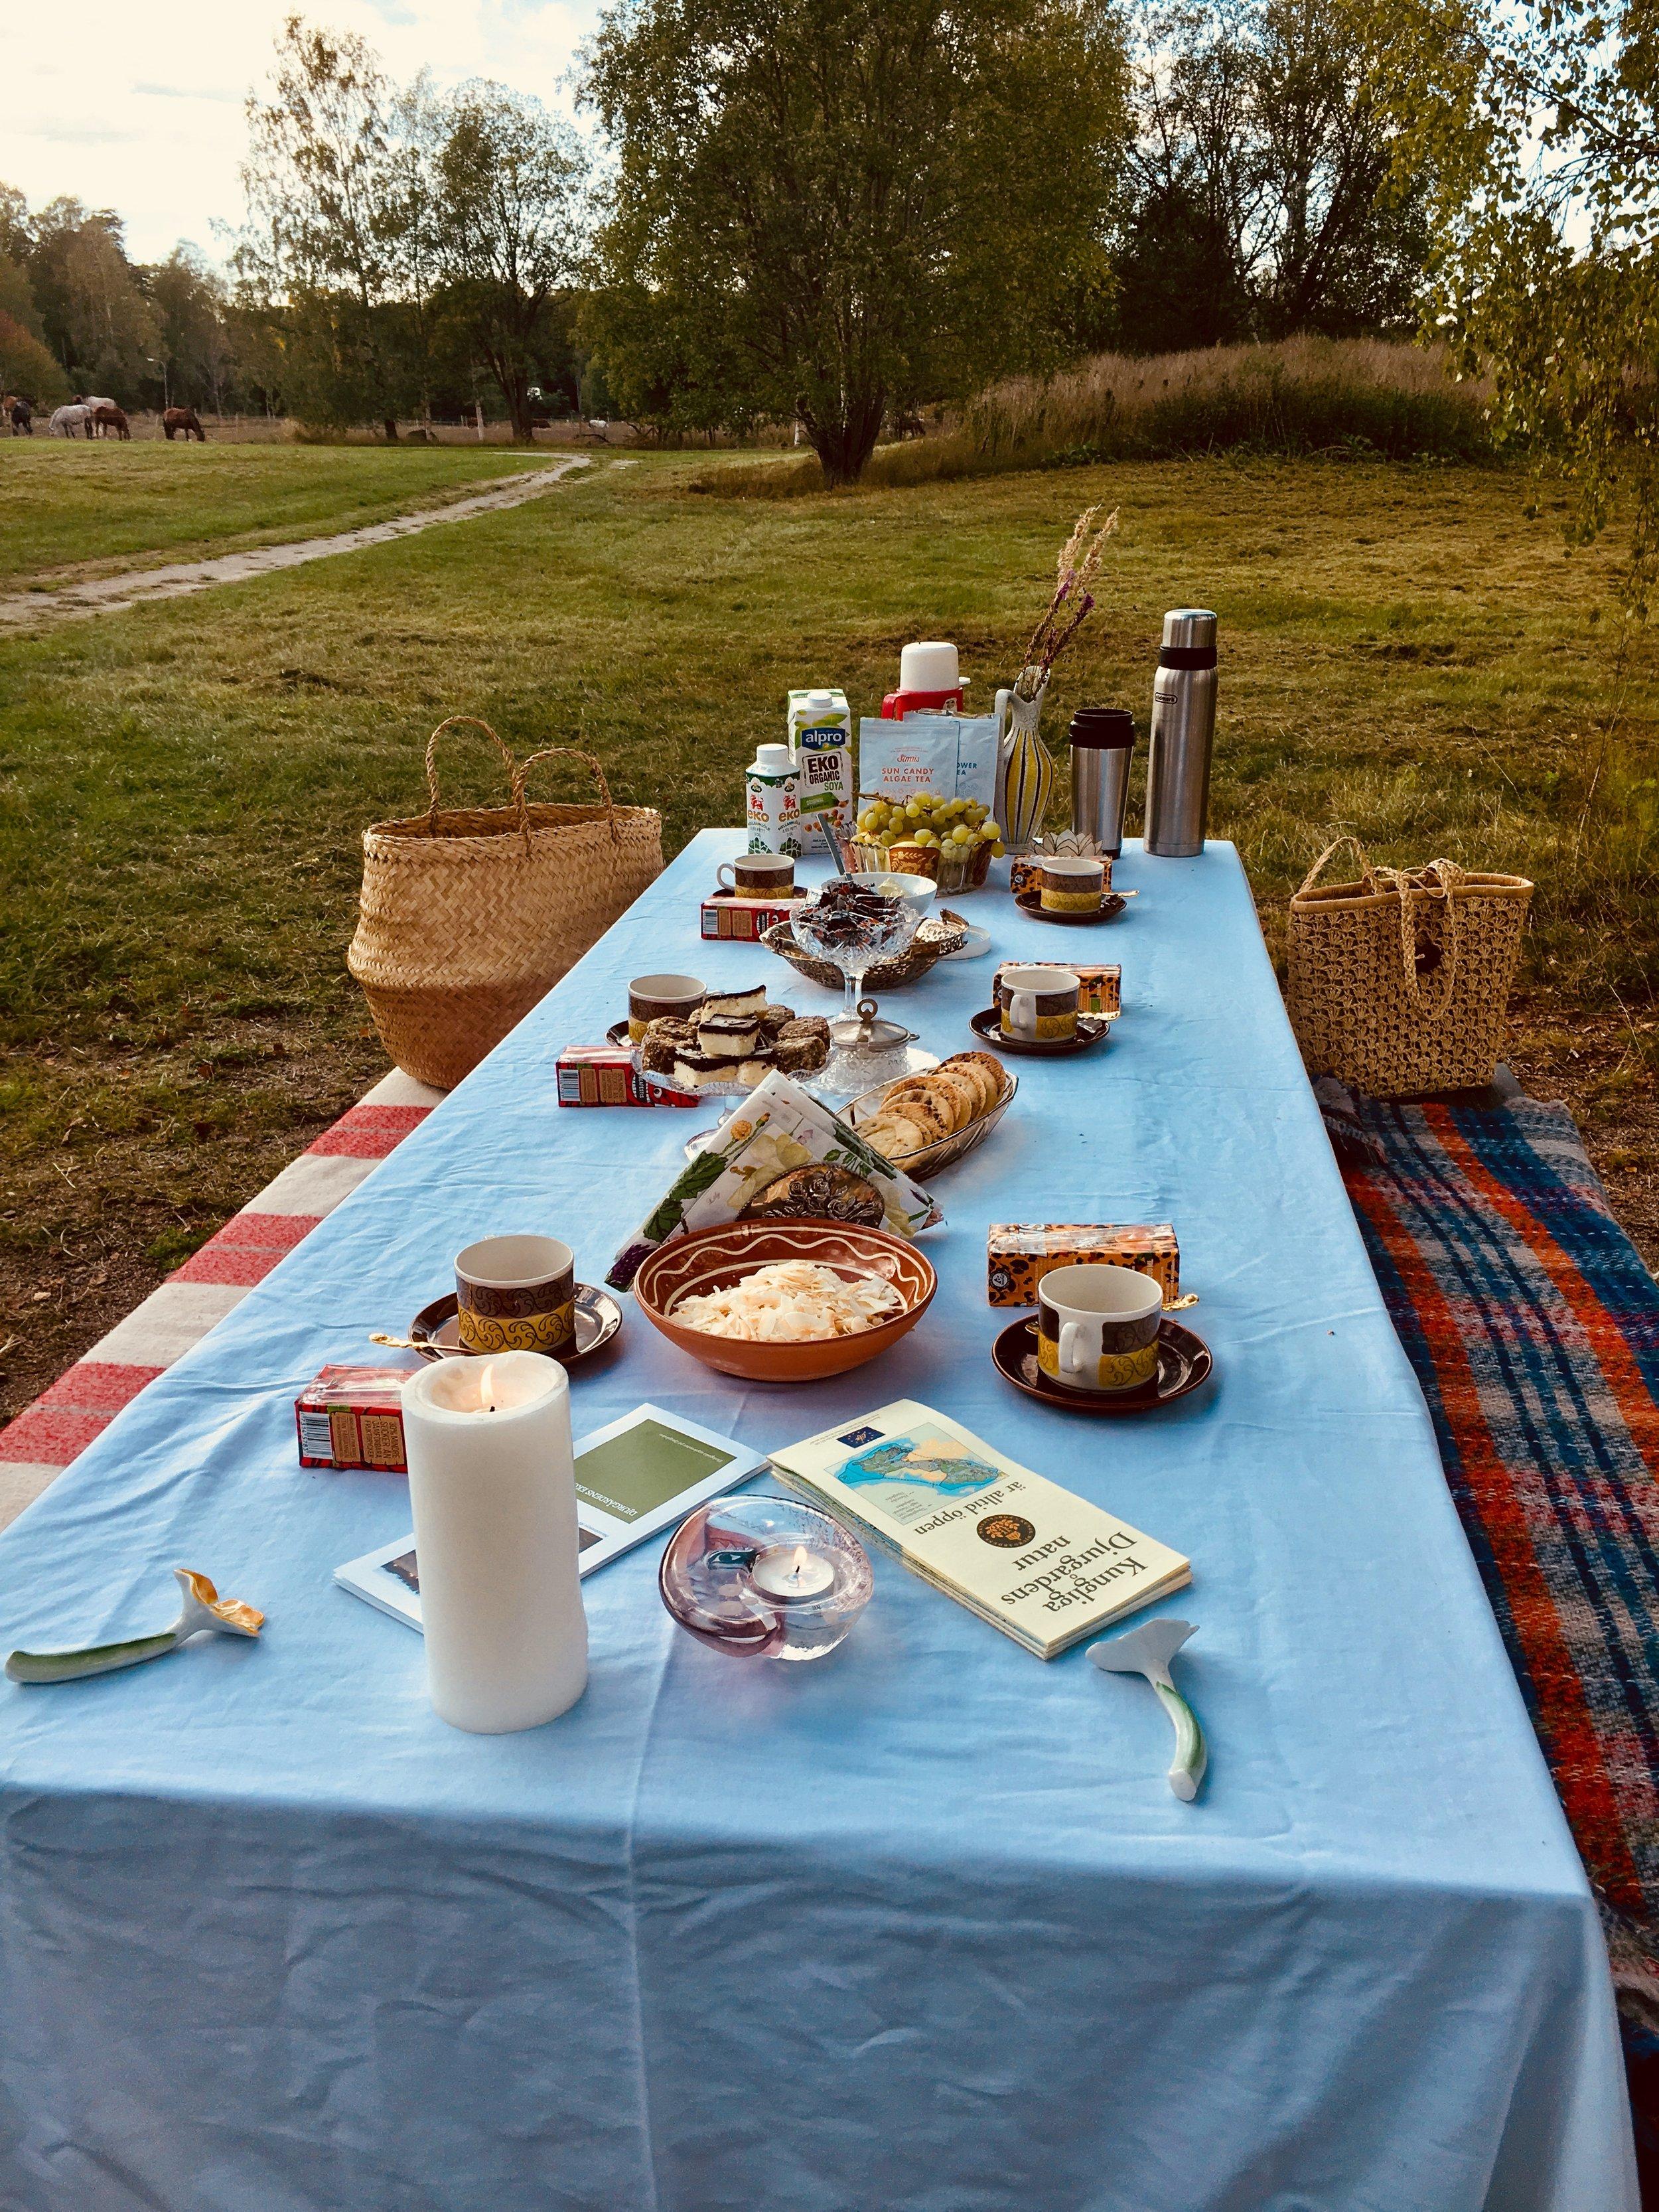 Picknick mitt i staden och mitt i den vilda naturen. Foto: Jenny Rosen, Djurgårdens Ekolyx.